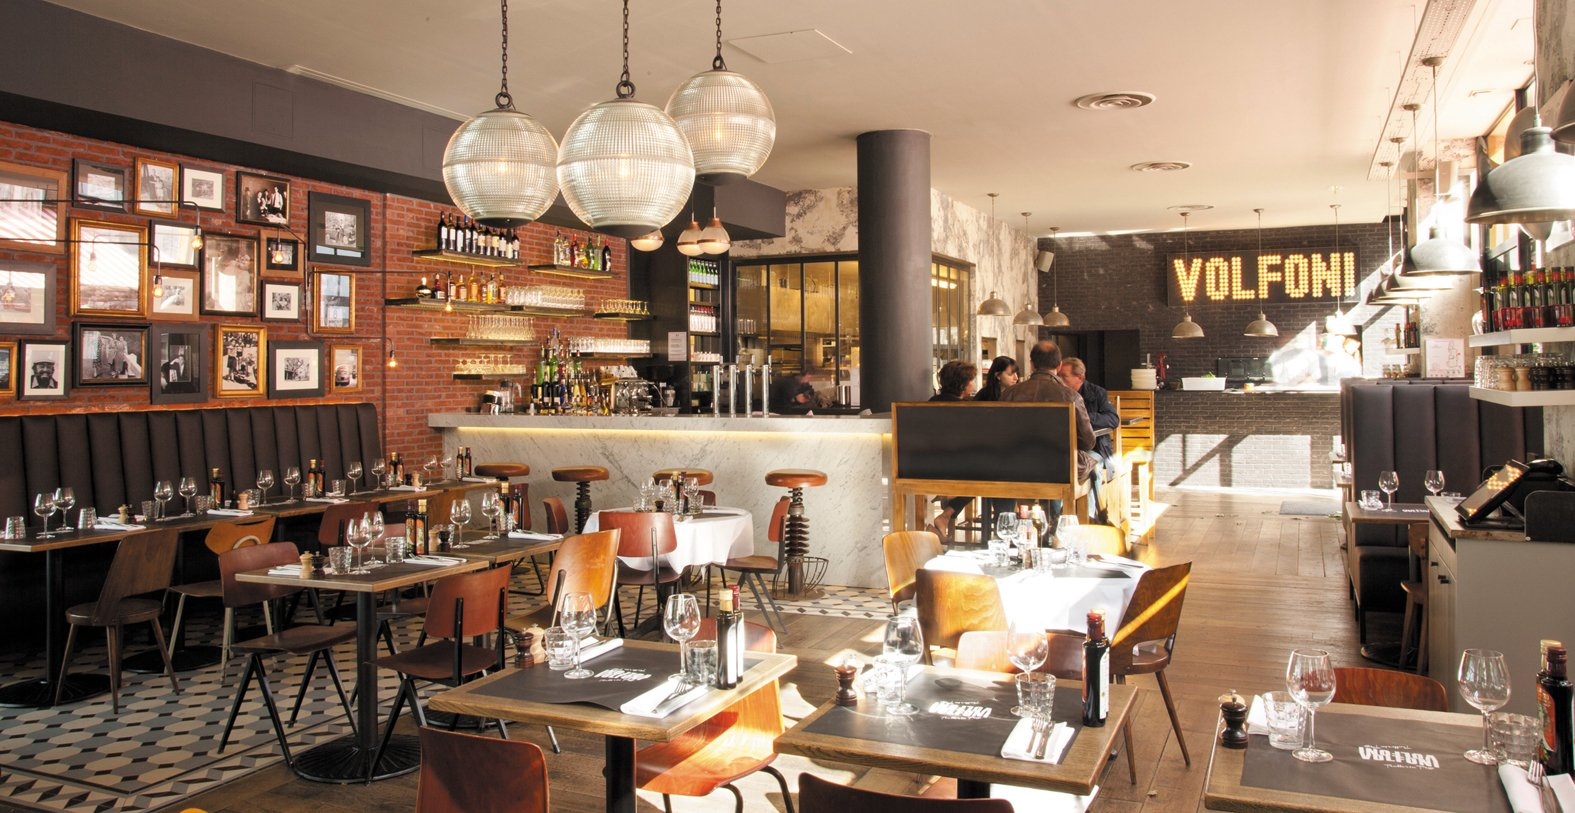 Repas entreprise dans une trattoria typique des années 50 à Boulogne-Billancourt restaurant groupe Boulogne-Billancourt 92